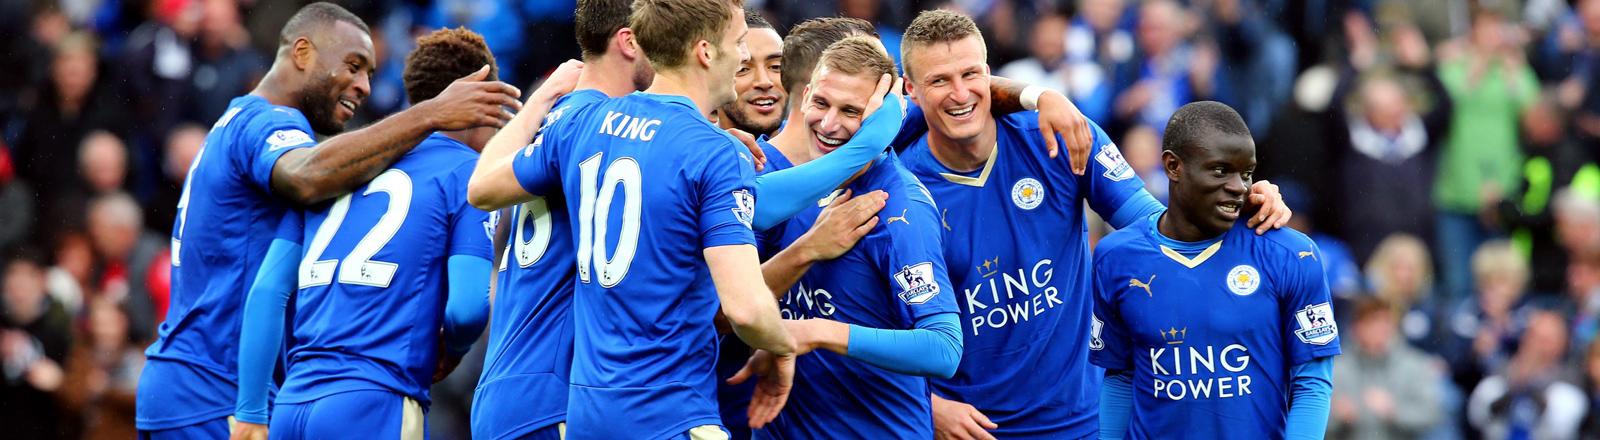 Die Fußballmannschaft von Leicester City